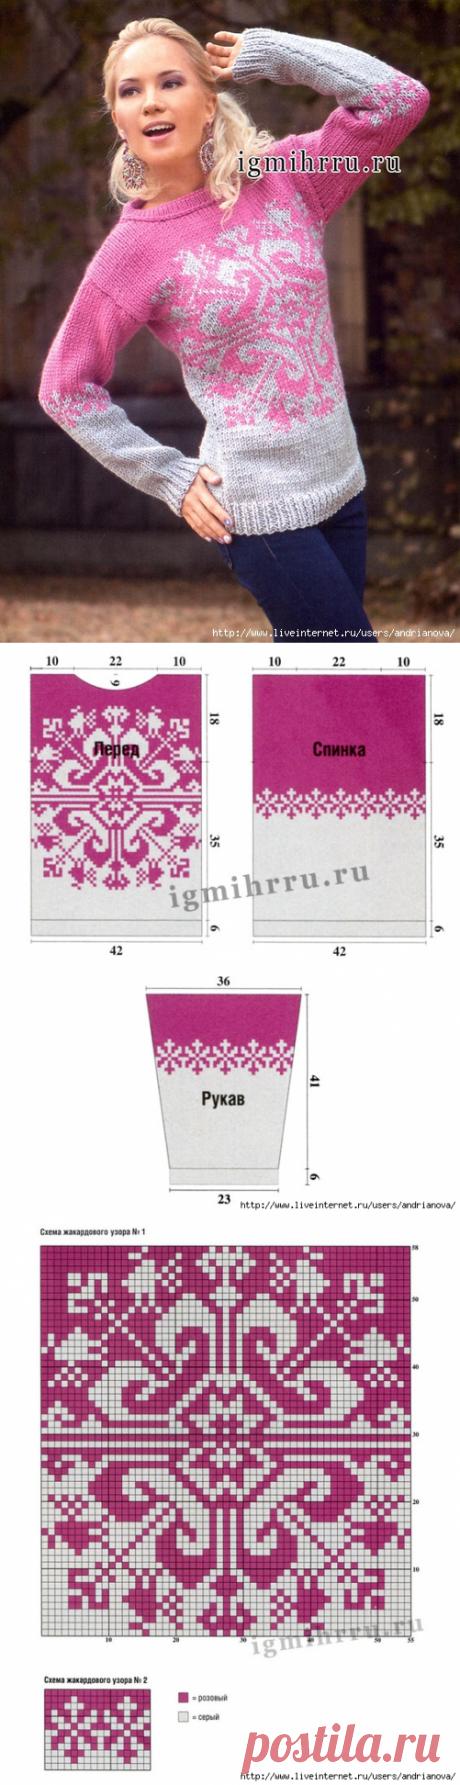 Серо-розовый свитер с с жаккардовыми узорами